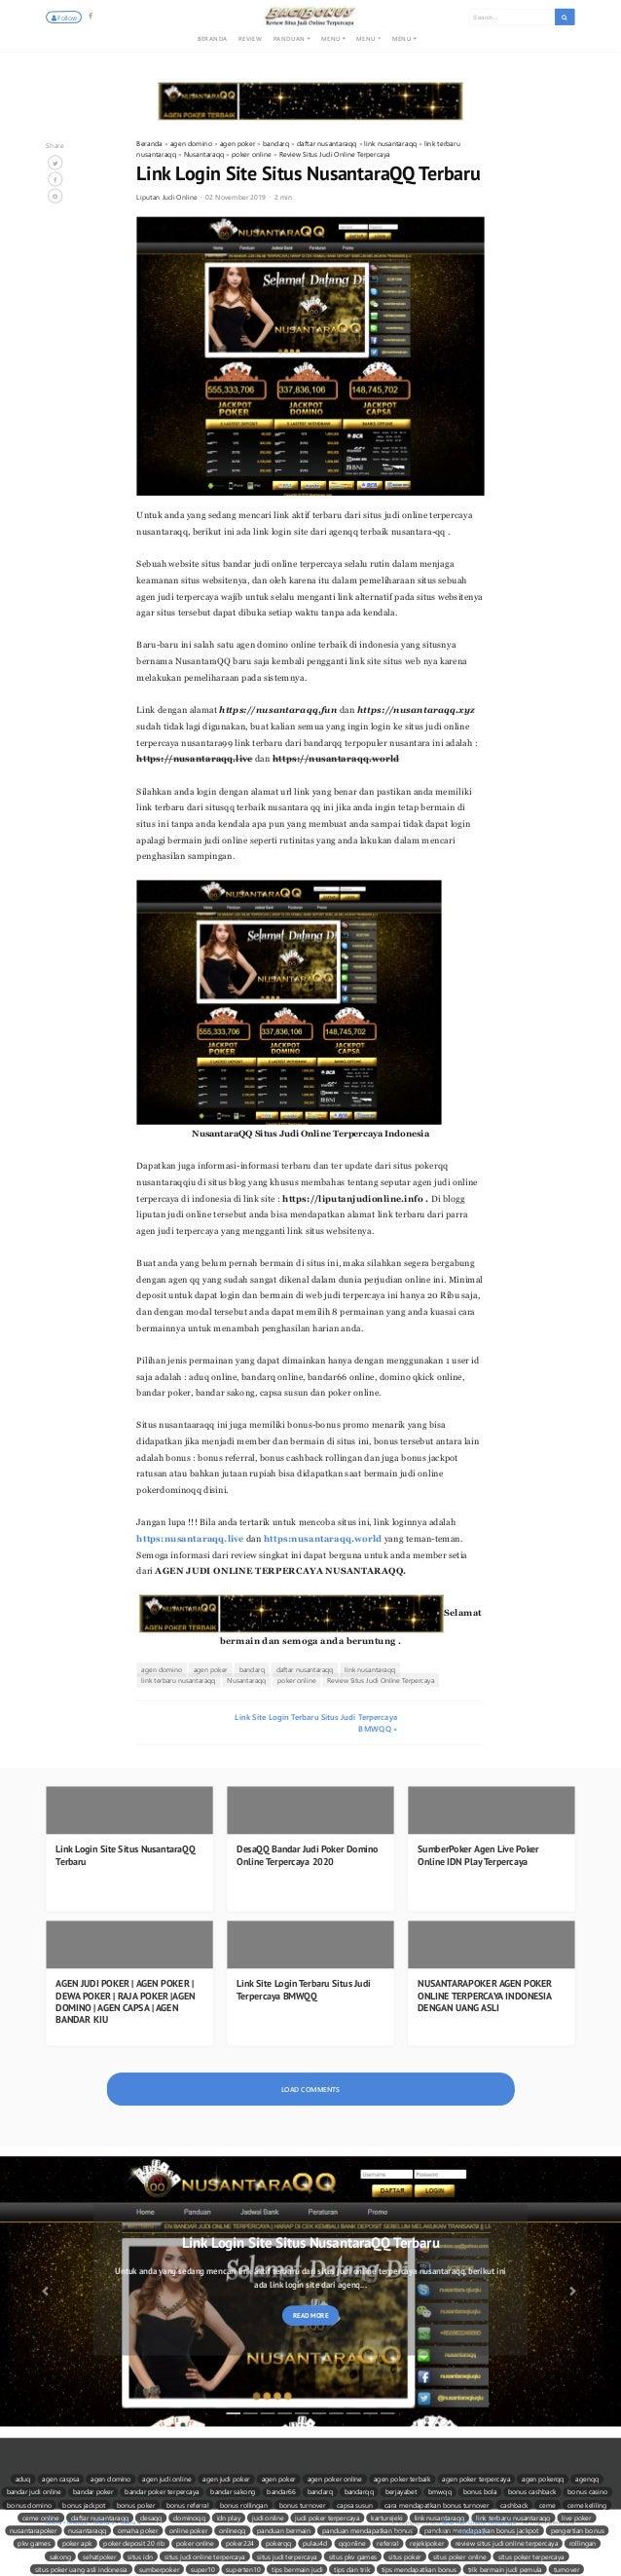 Link Login Site Situs Nusantara Qq Terbaru